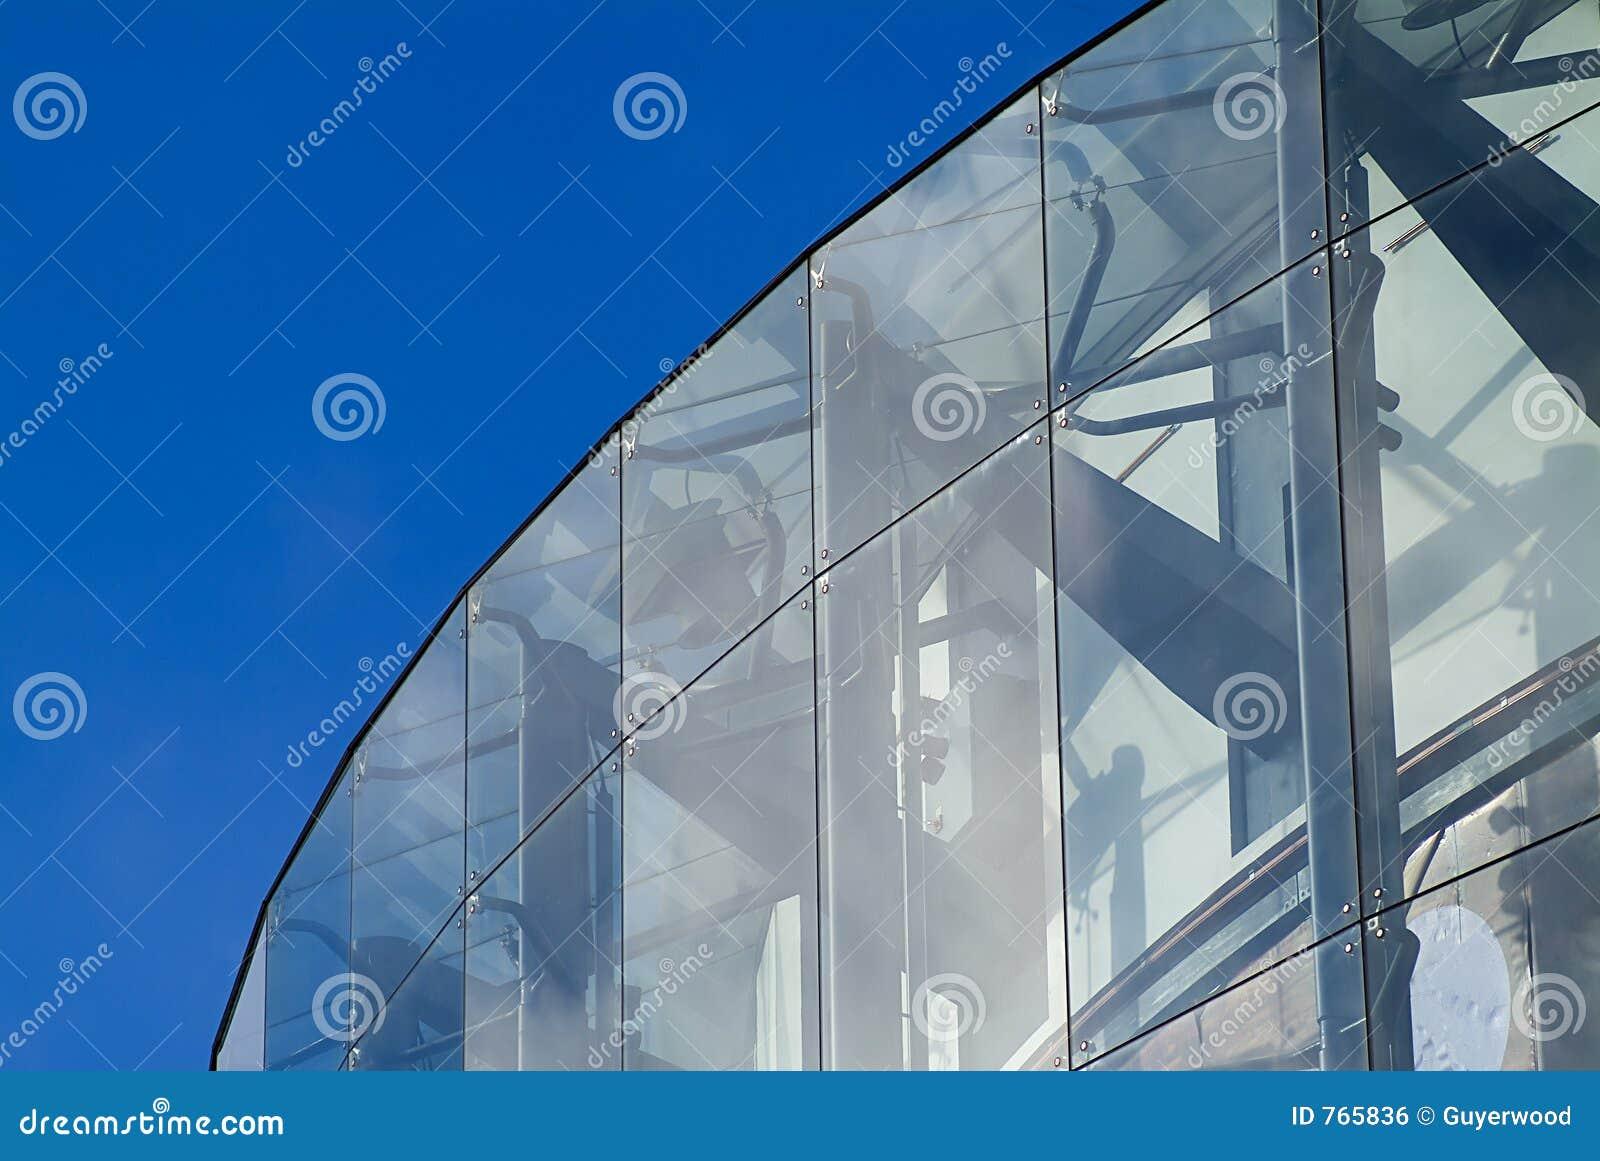 architecture en verre image libre de droits image 765836. Black Bedroom Furniture Sets. Home Design Ideas